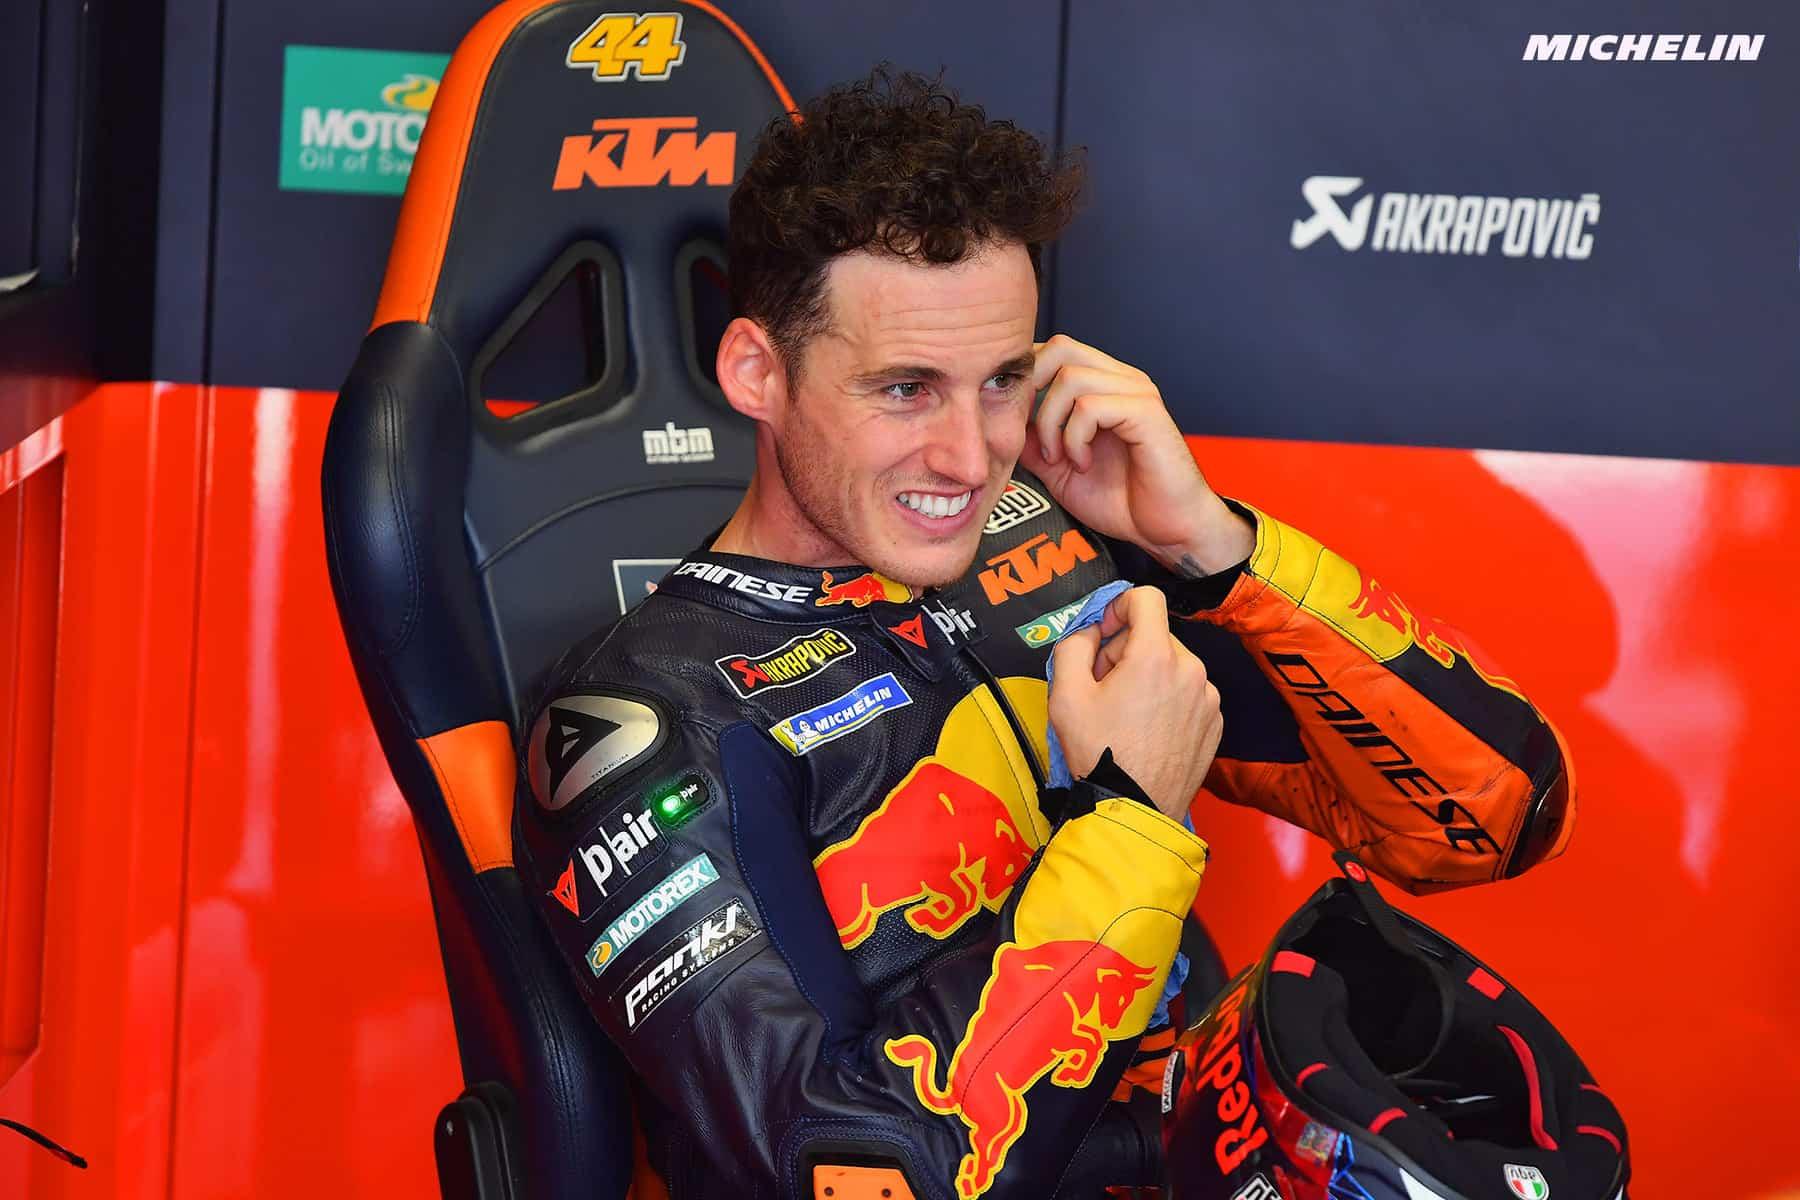 MotoGP2020エミリア・ロマーニャGP 初日総合5位 ポル・エスパルガロ「バイクの状態は非常に良い」